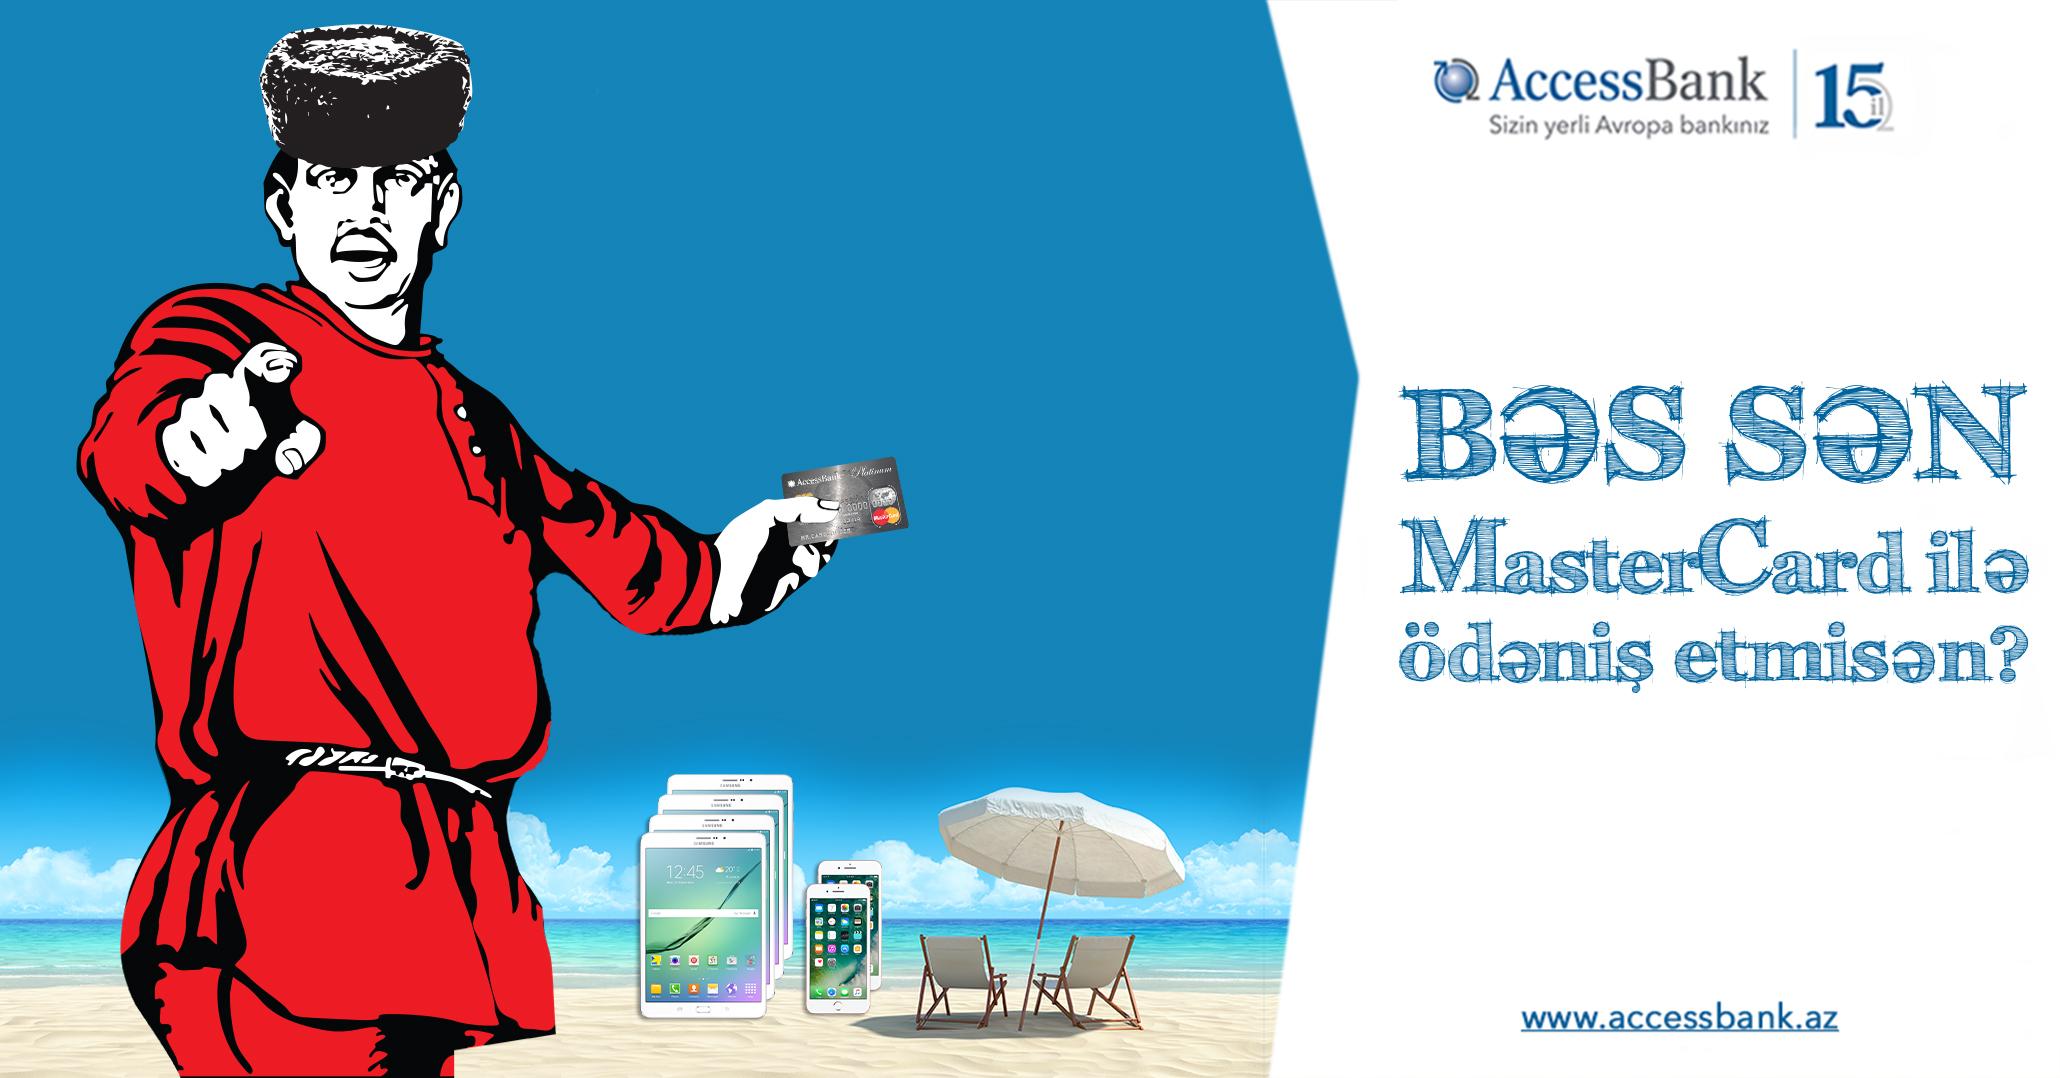 Открыть Mastercard гораздо выгоднее в AccessBank-е!